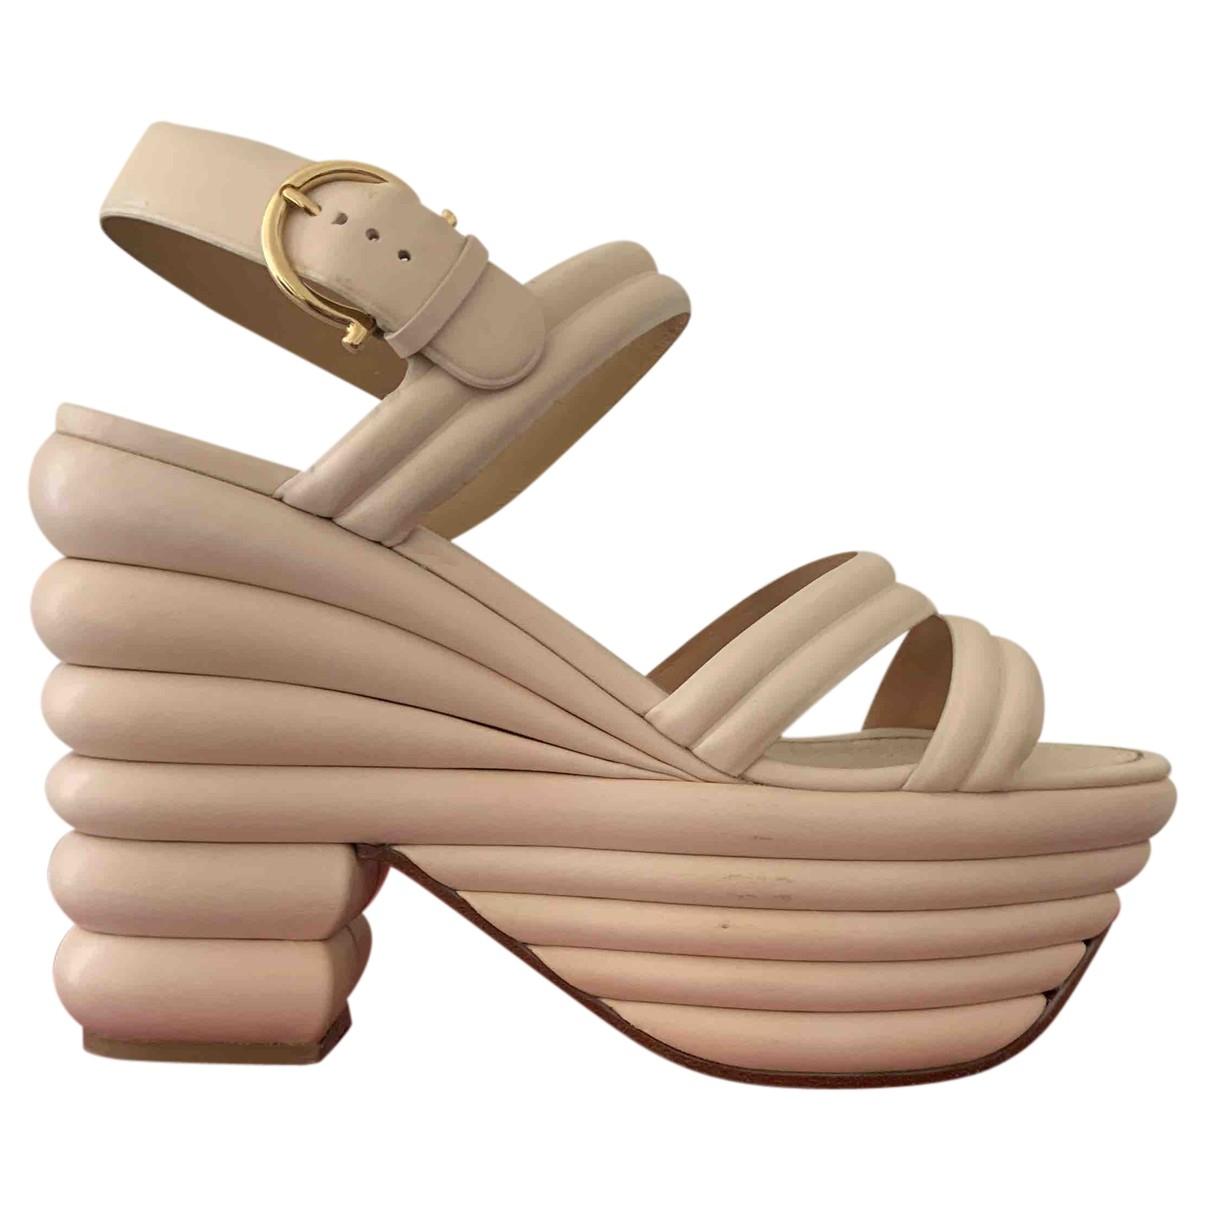 Salvatore Ferragamo - Sandales   pour femme en cuir - beige